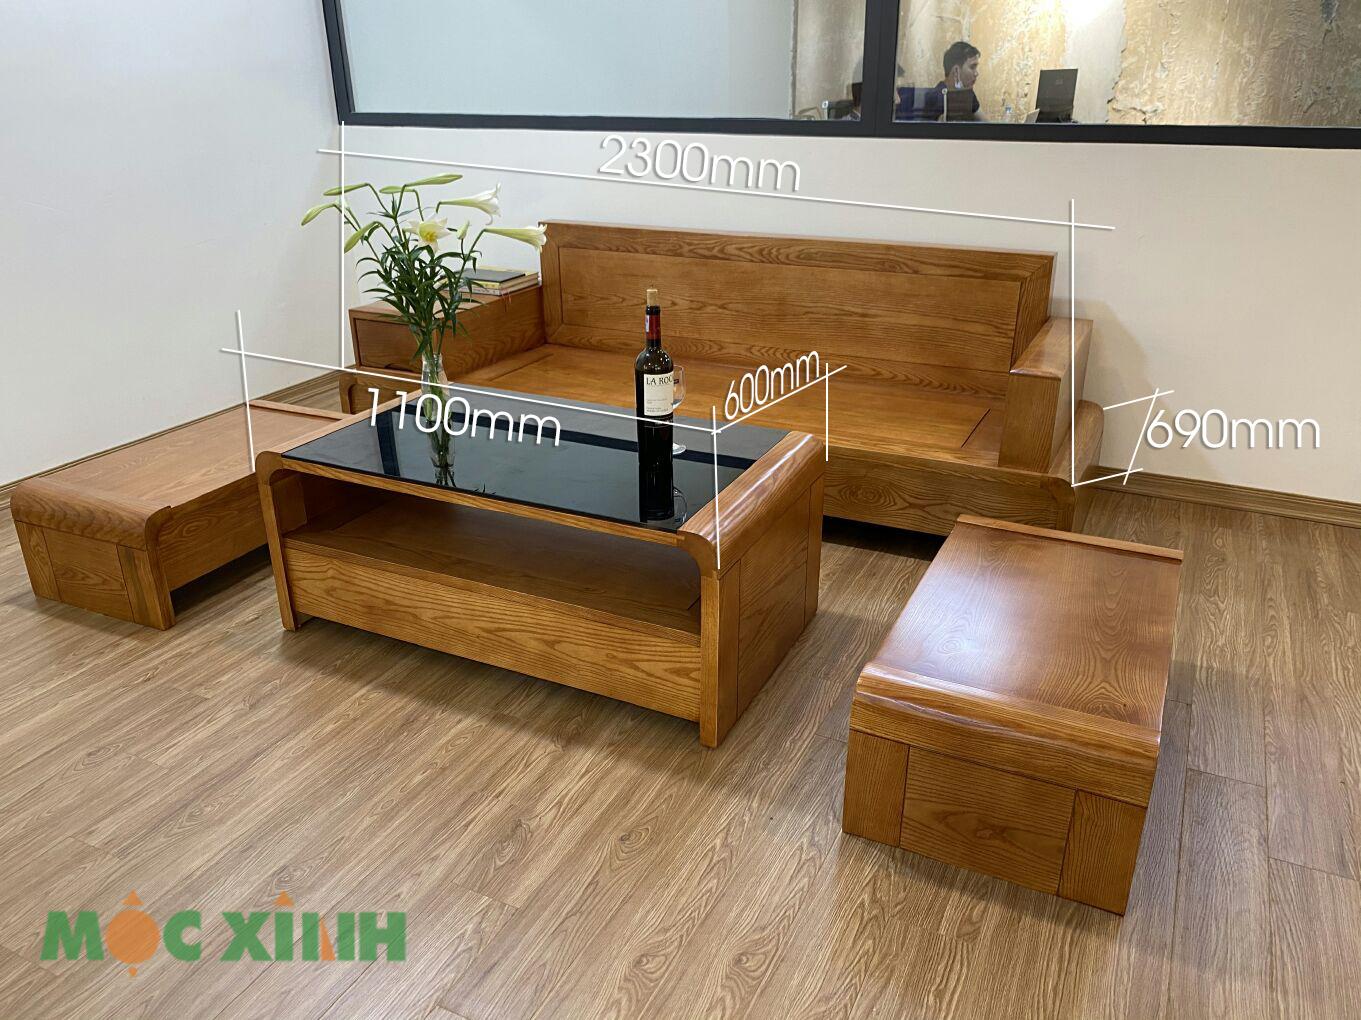 Thông số kích thước của mẫu bộ bàn ghế phòng khách gỗ sồi